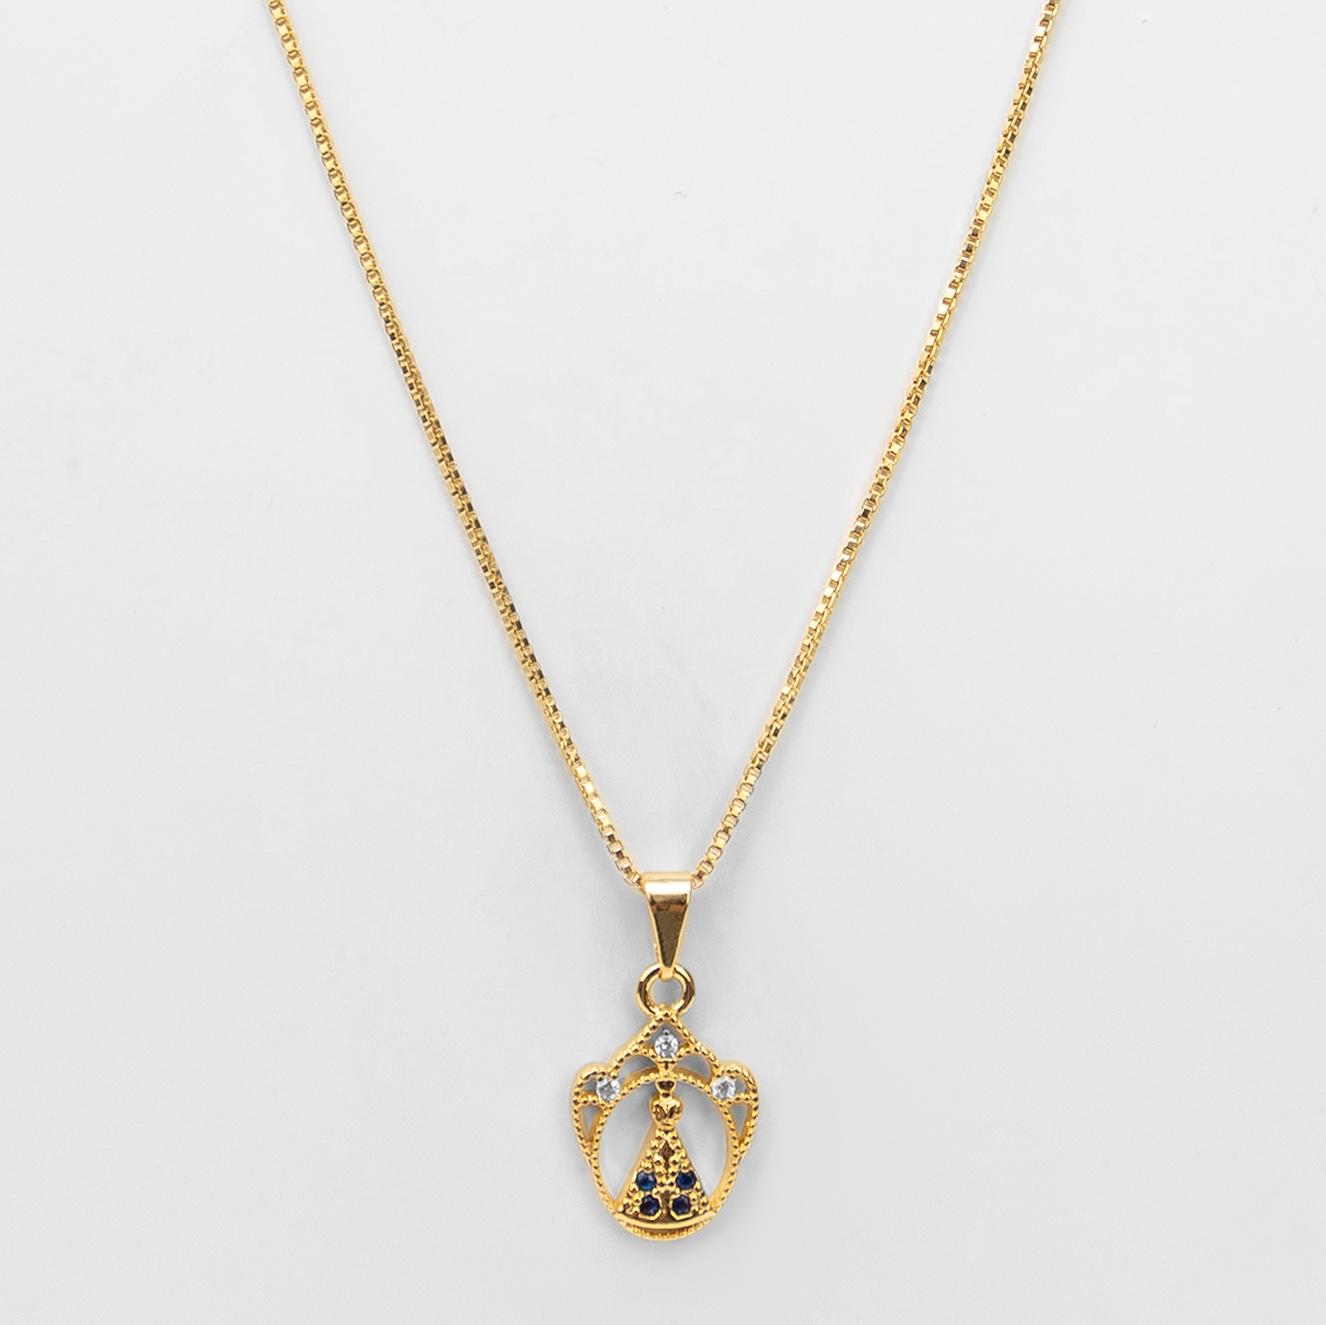 Gargantilha Coroa Nossa Senhora Aparecida Folheada Ouro 18K  - Lunozê Joias